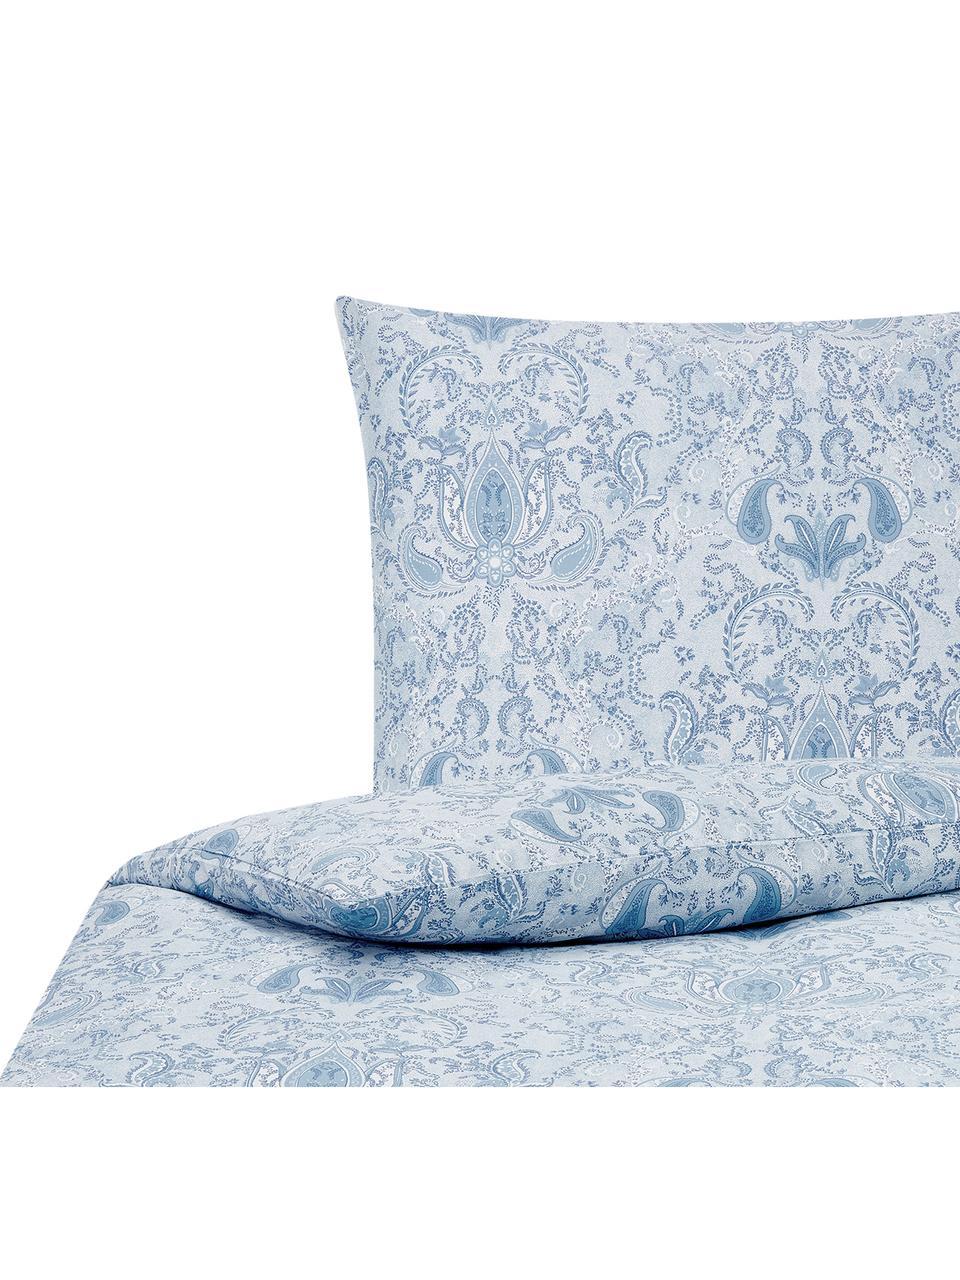 Baumwollsatin-Bettwäsche Grantham mit Paisley-Muster, Webart: Satin Fadendichte 200 TC,, Blau, 240 x 220 cm + 2 Kissen 80 x 80 cm